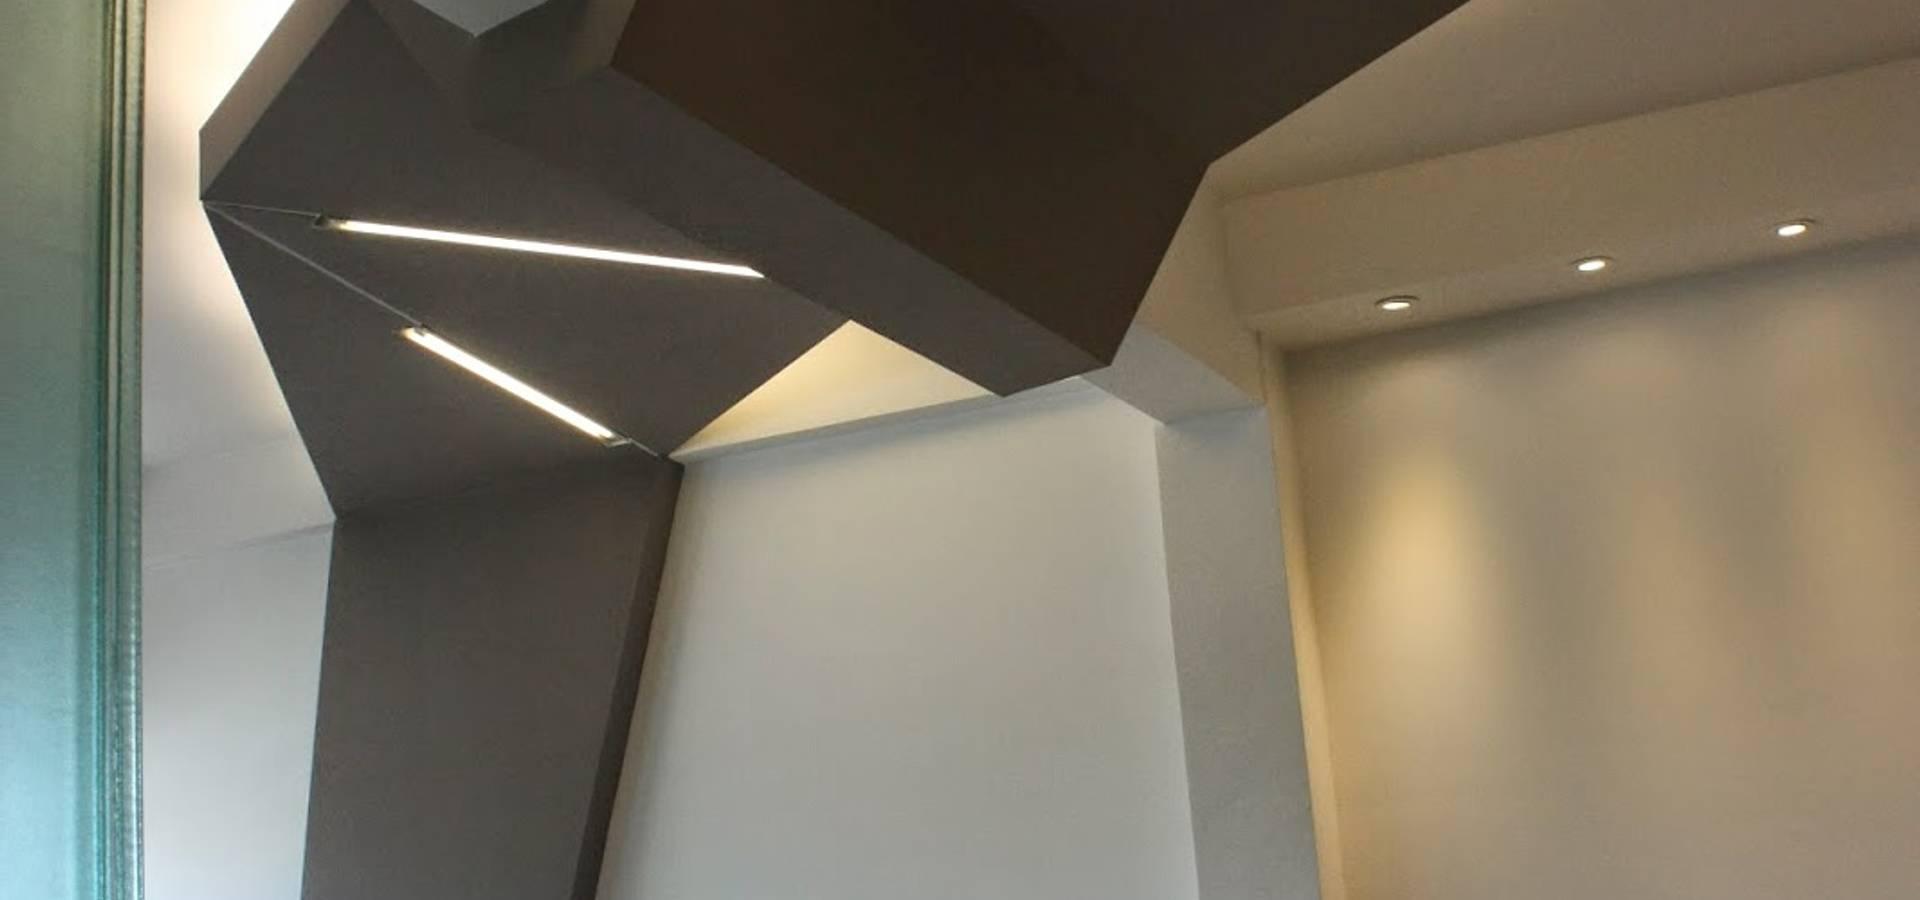 A|UNO arquitectos